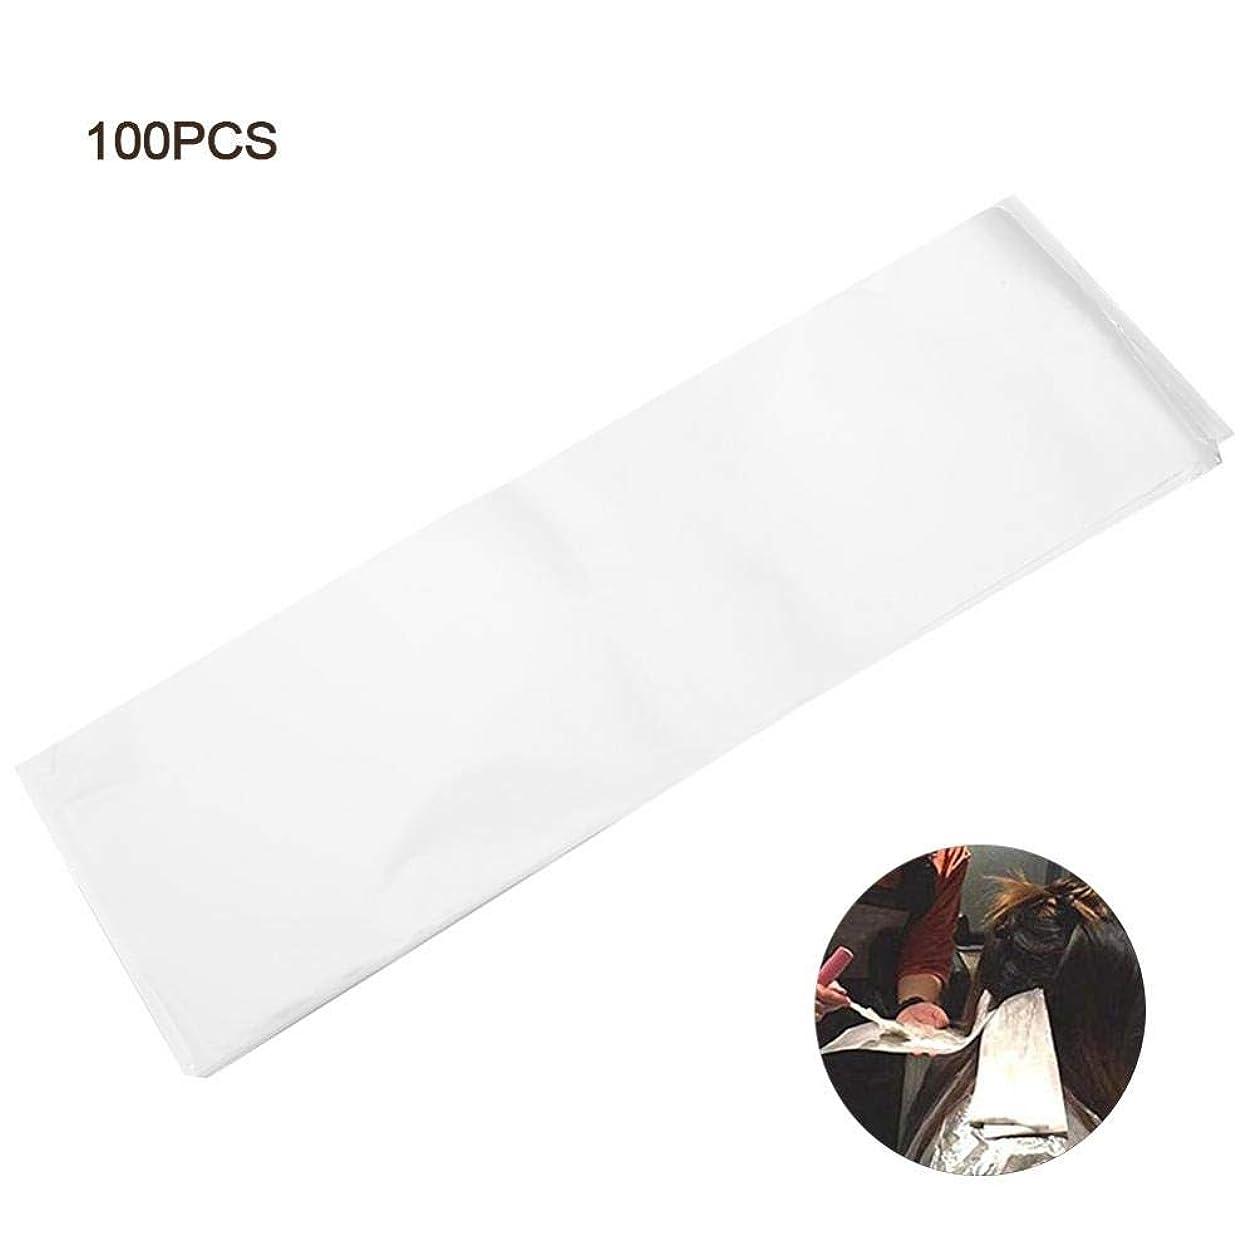 土砂降り手を差し伸べる介入するプロサロンヘアダイペーパー、髪染め用 プラスチック製 染毛紙 再利用可能 分離 紙 ヘアカラー サロン 自宅 DIYヘア染めツール 使用やすい - ホワイト 100枚